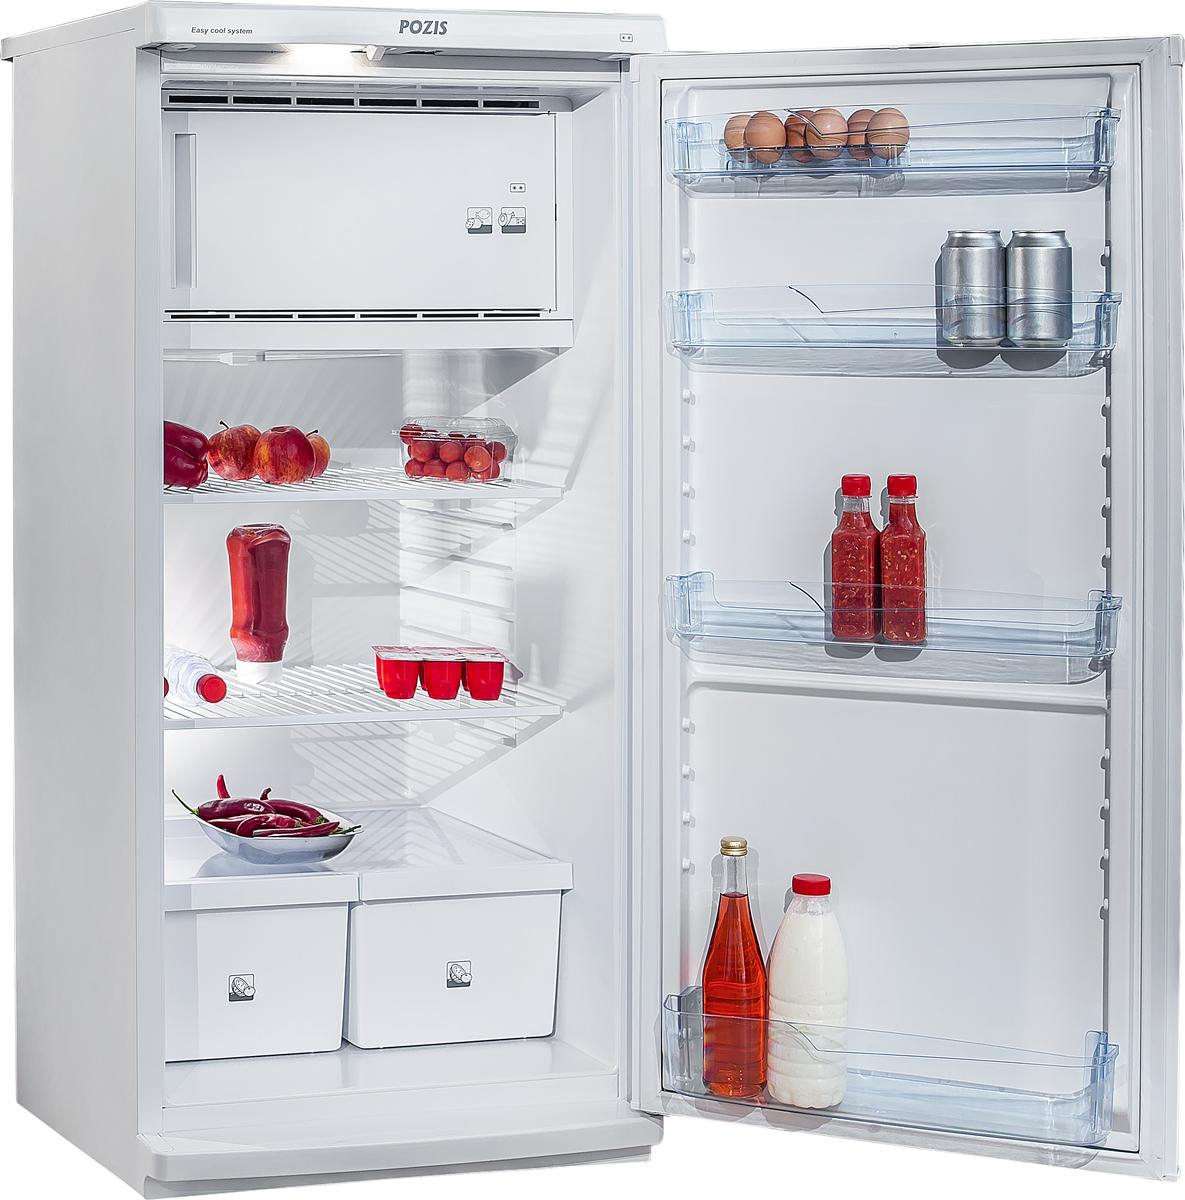 Однокамерный холодильник Позис СВИЯГА 404-1 серебристый Pozis